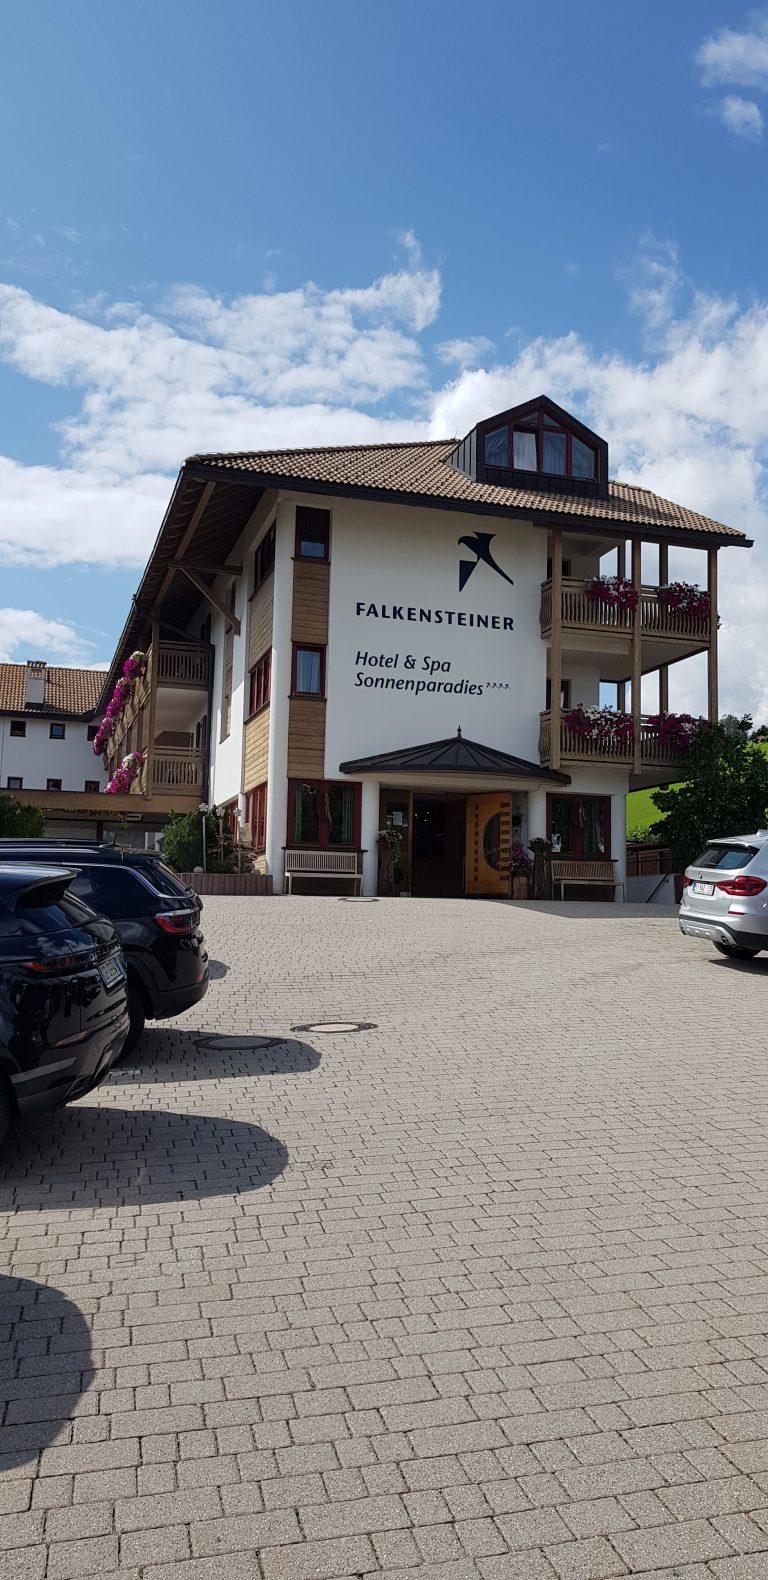 Falkesteiner Hotel